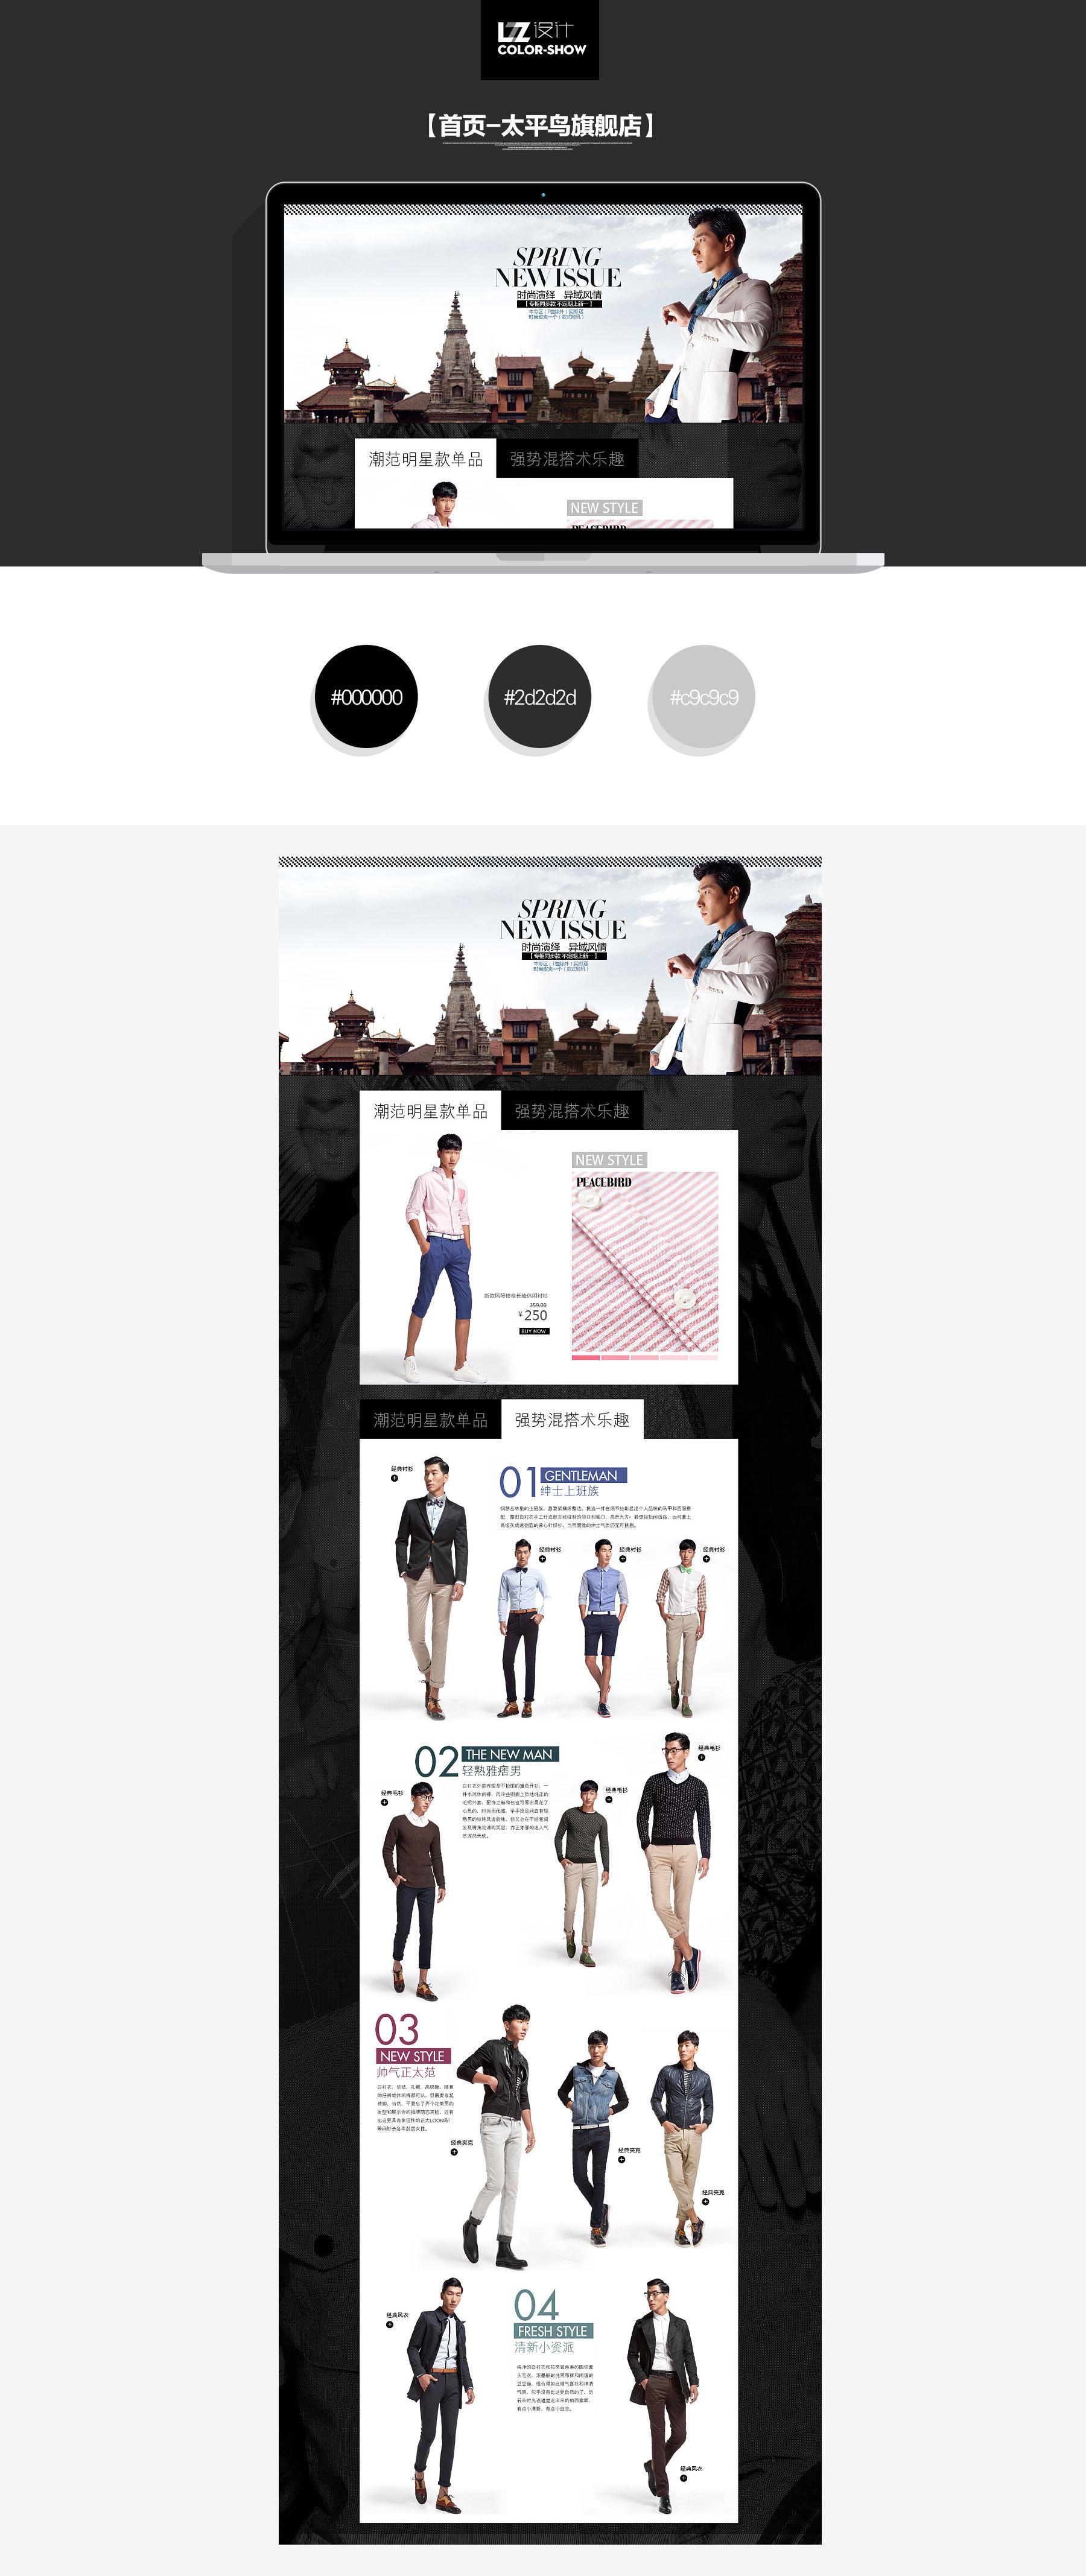 太平鸟IPO申请获批 新零售助传统品牌逆风高飞